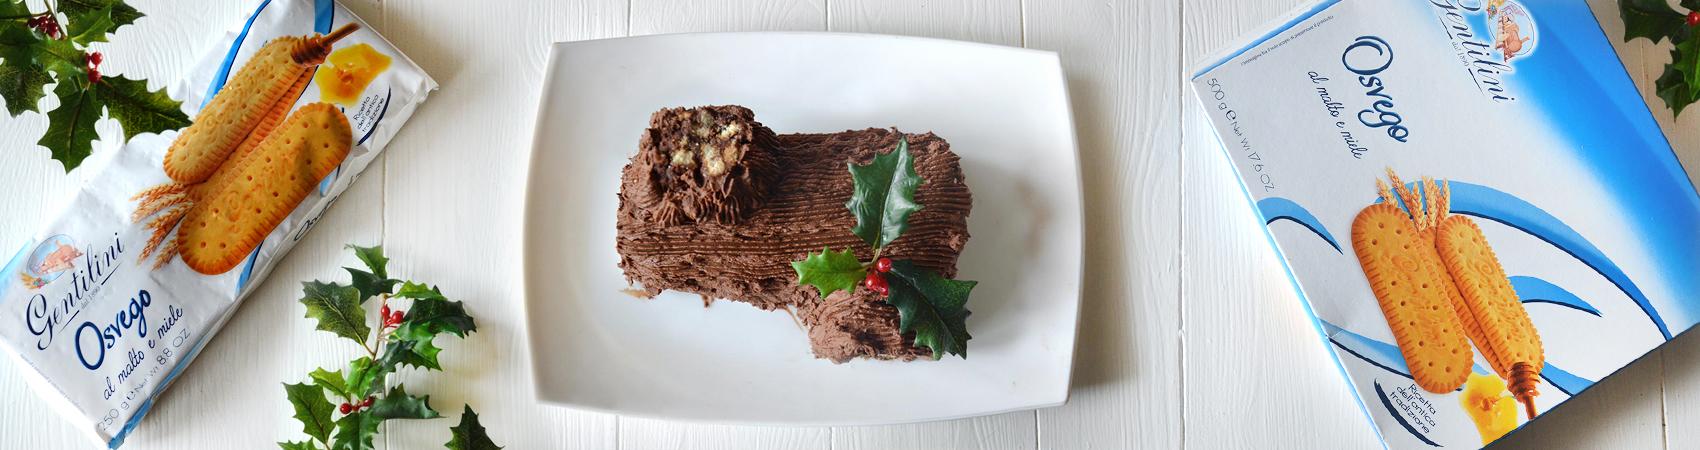 I biscotti Gentilini: un grande classico che si trasforma in un dolce unico